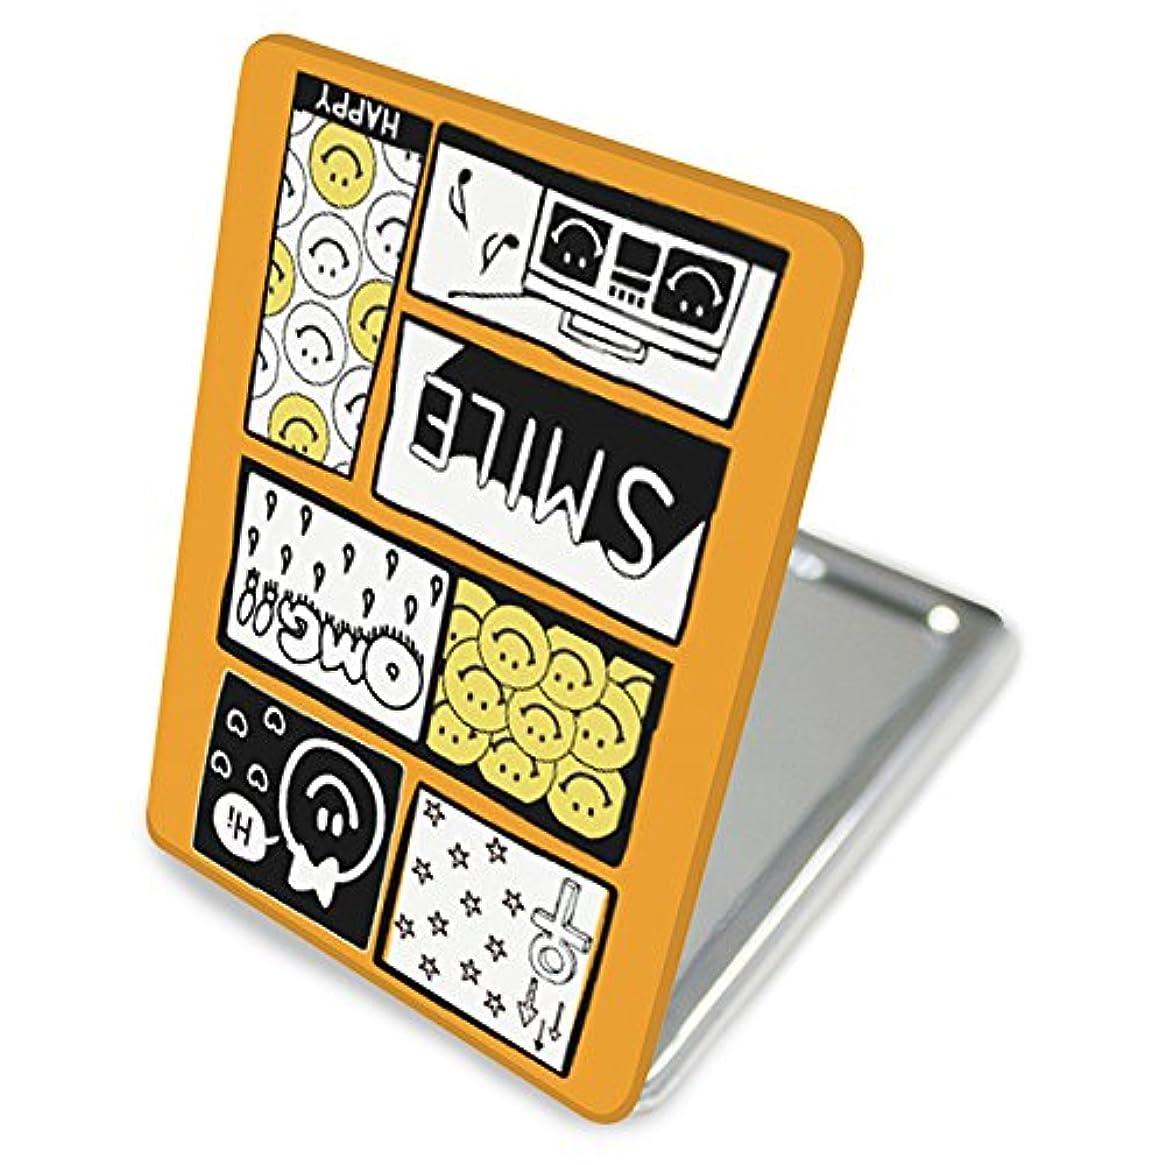 幾分ラベル基礎理論(カリーナ) Carine 手鏡 コンパクトミラー ハンドミラー 拡大鏡付 持ち歩きに便利 かわいい kgm010(E) スマイル ポップ デザイン ニコちゃん